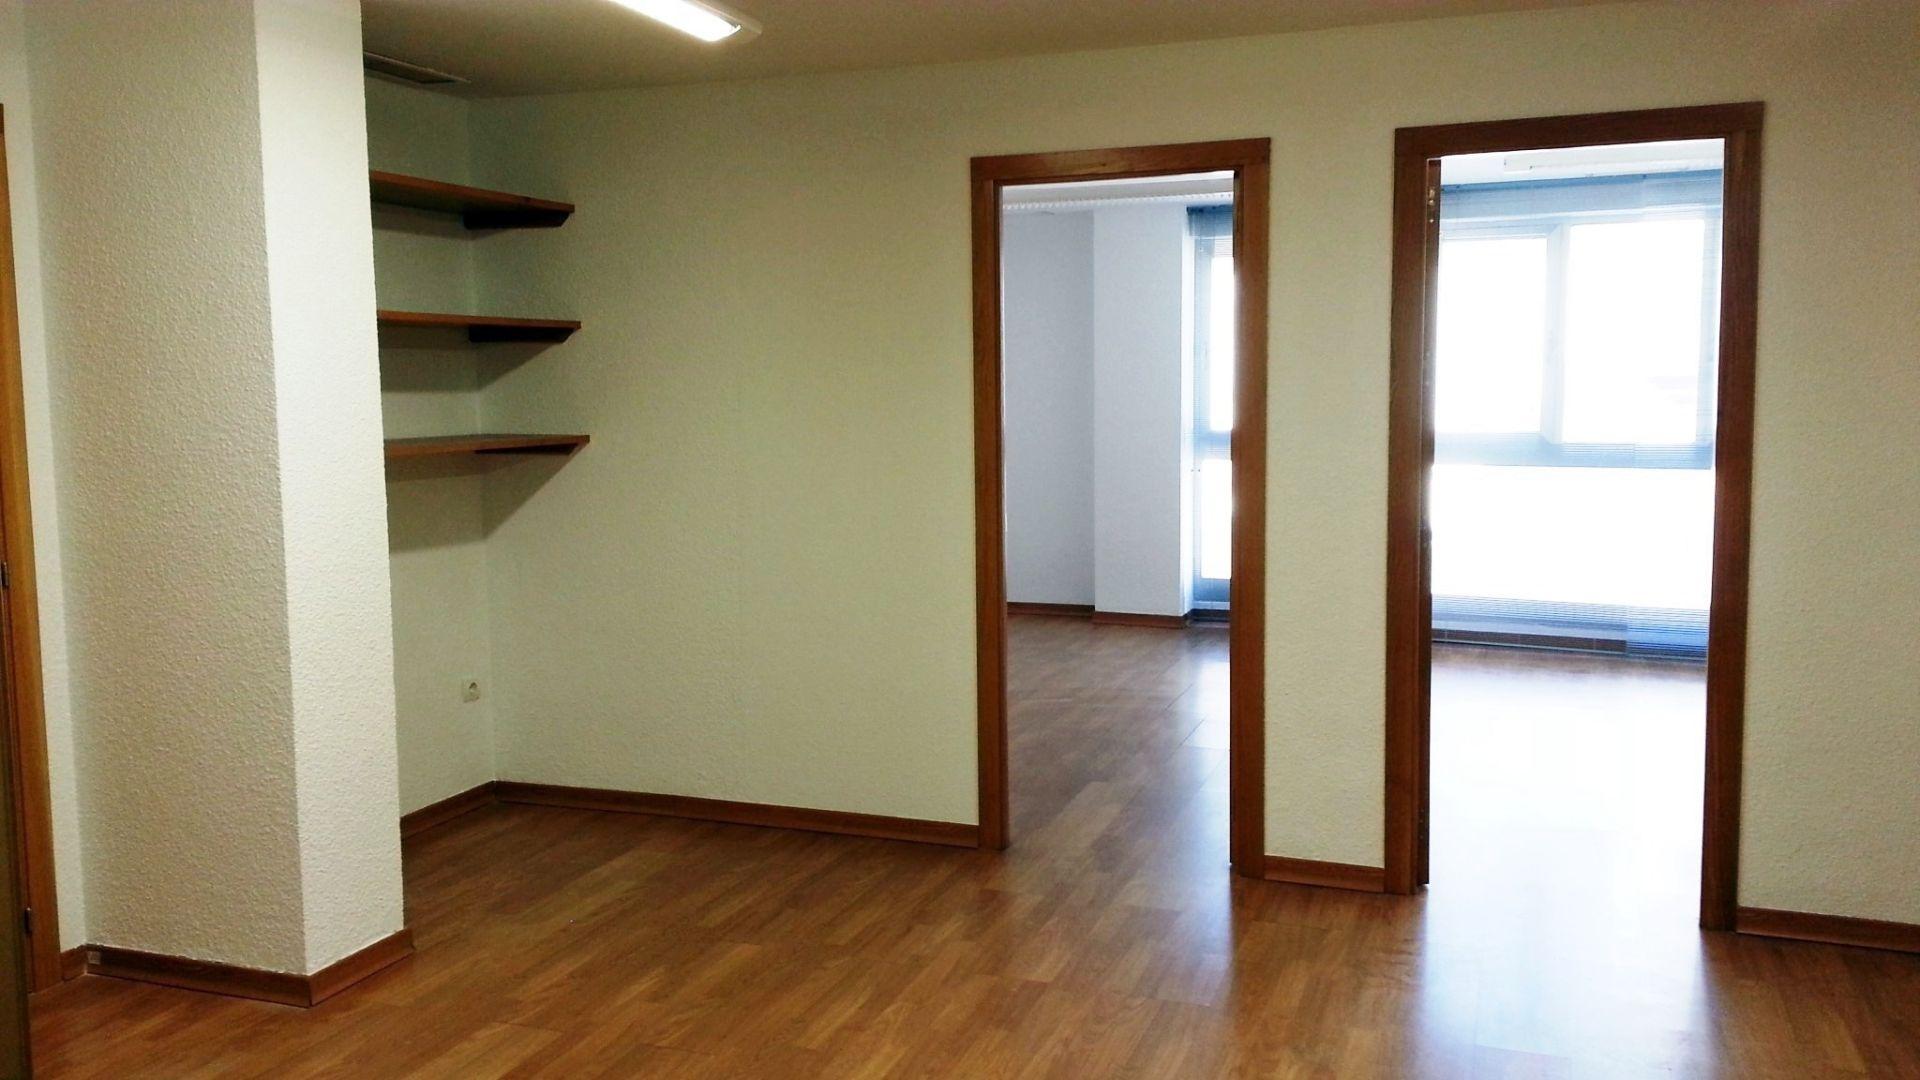 Oficina en Huelva, CENTRO, alquiler